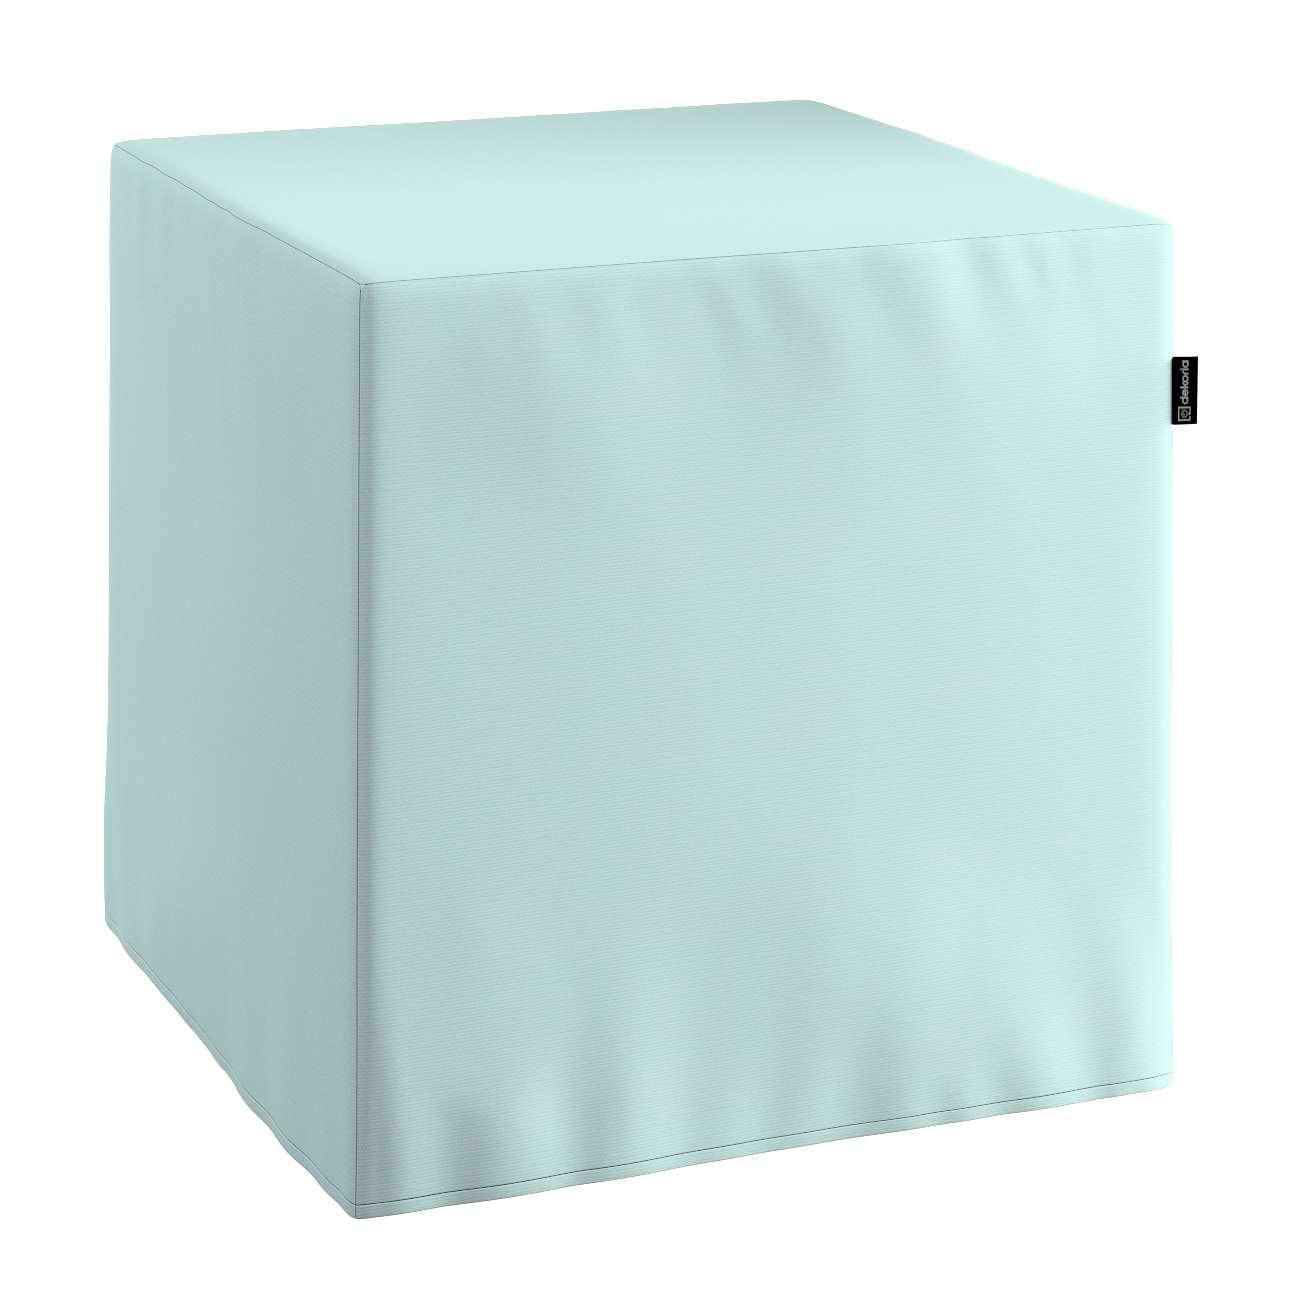 Sedák Cube - kostka pevná 40x40x40 v kolekci Cotton Panama, látka: 702-10